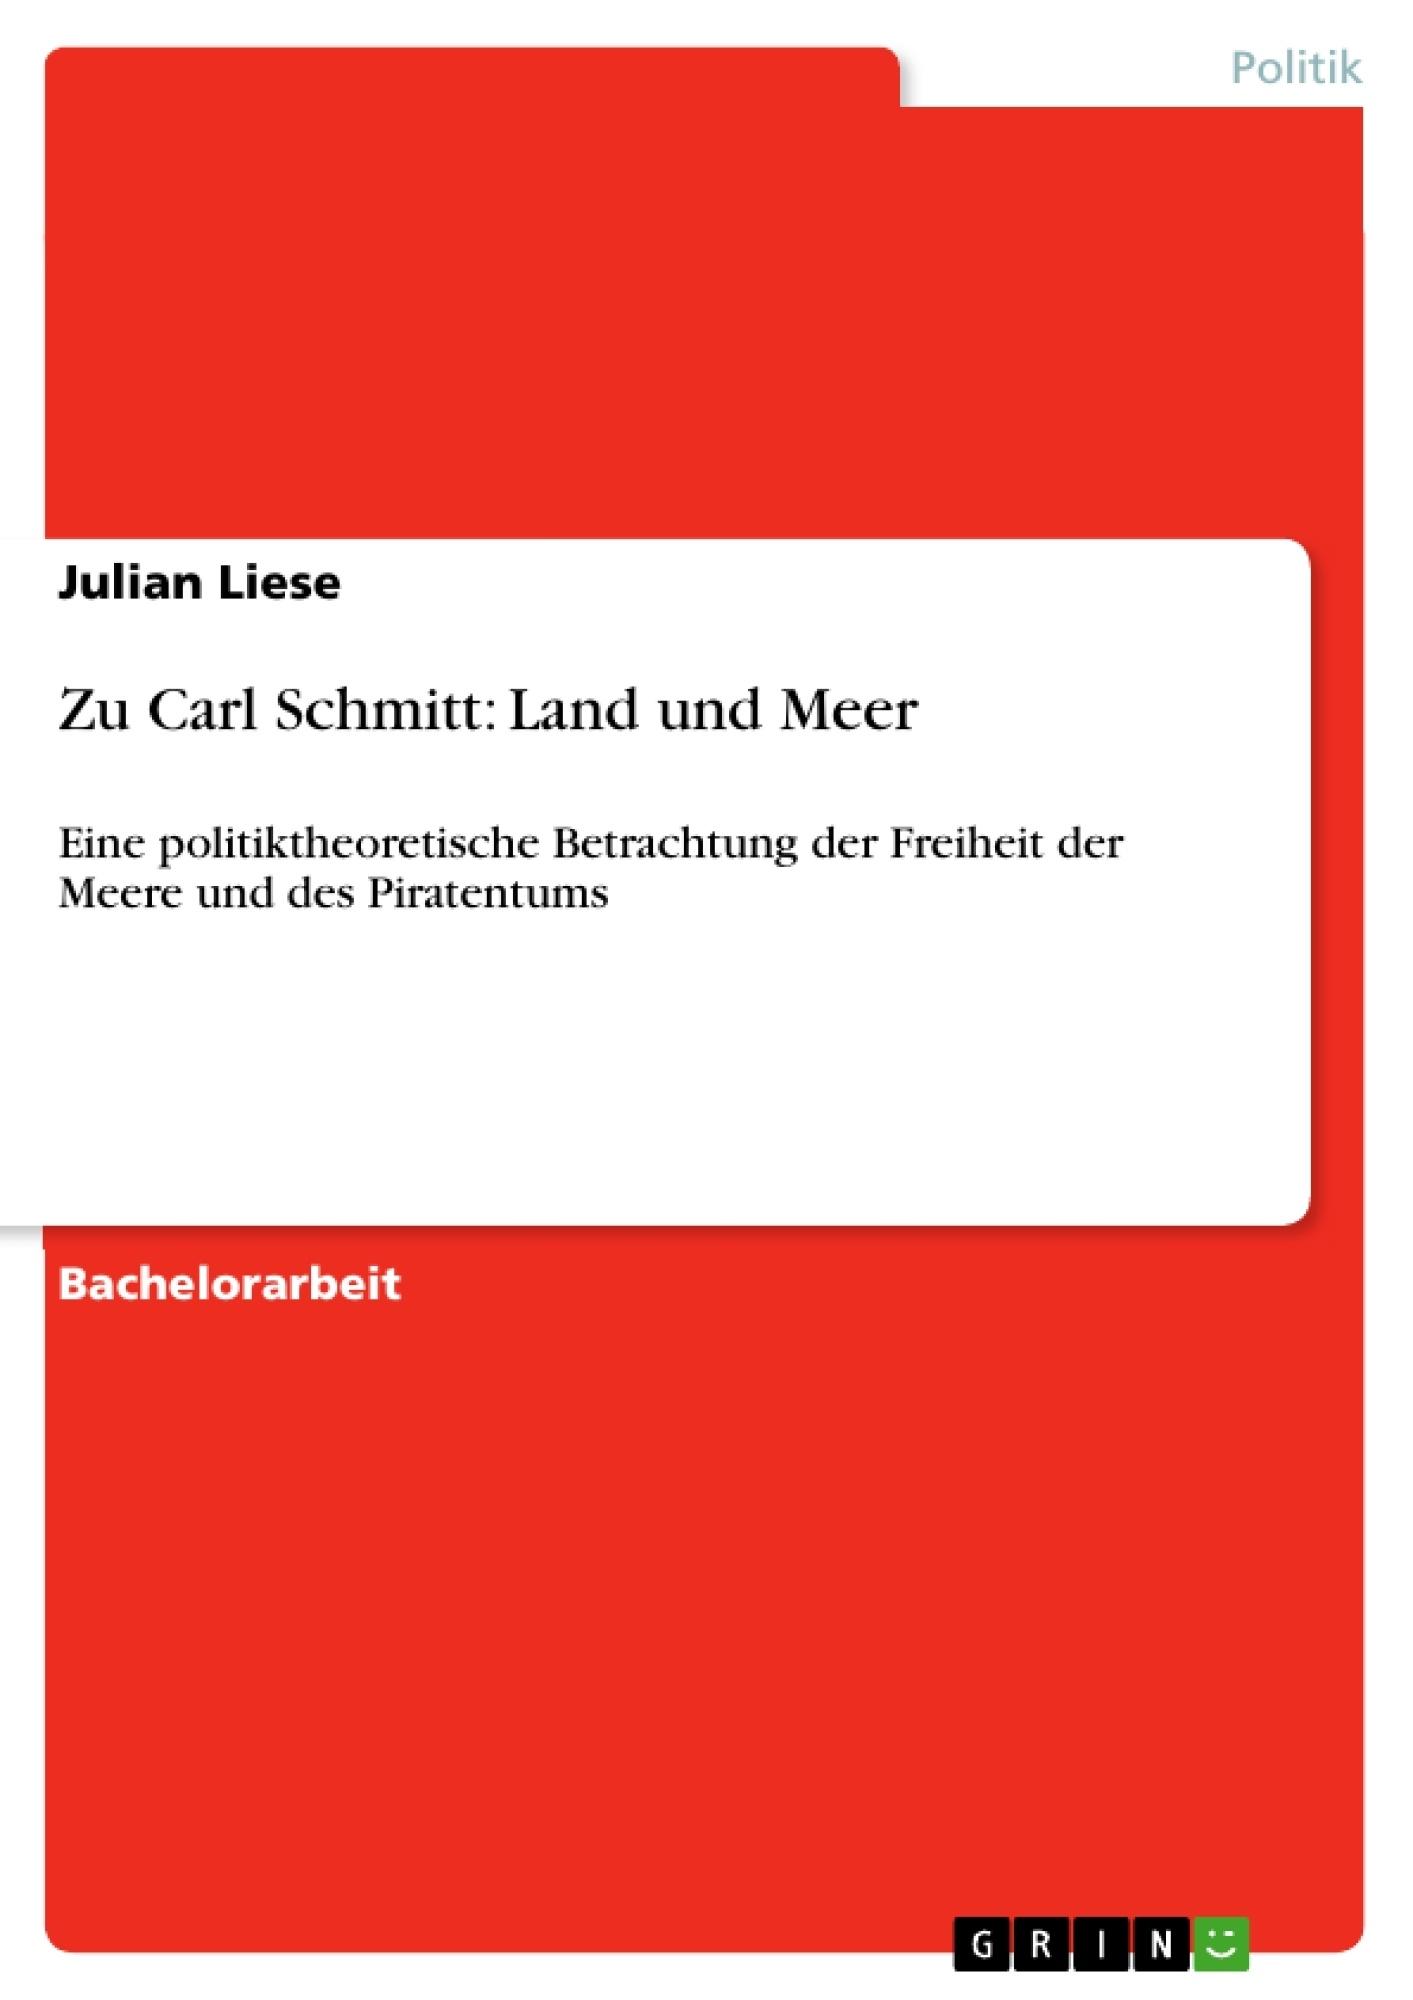 Titel: Zu Carl Schmitt: Land und Meer